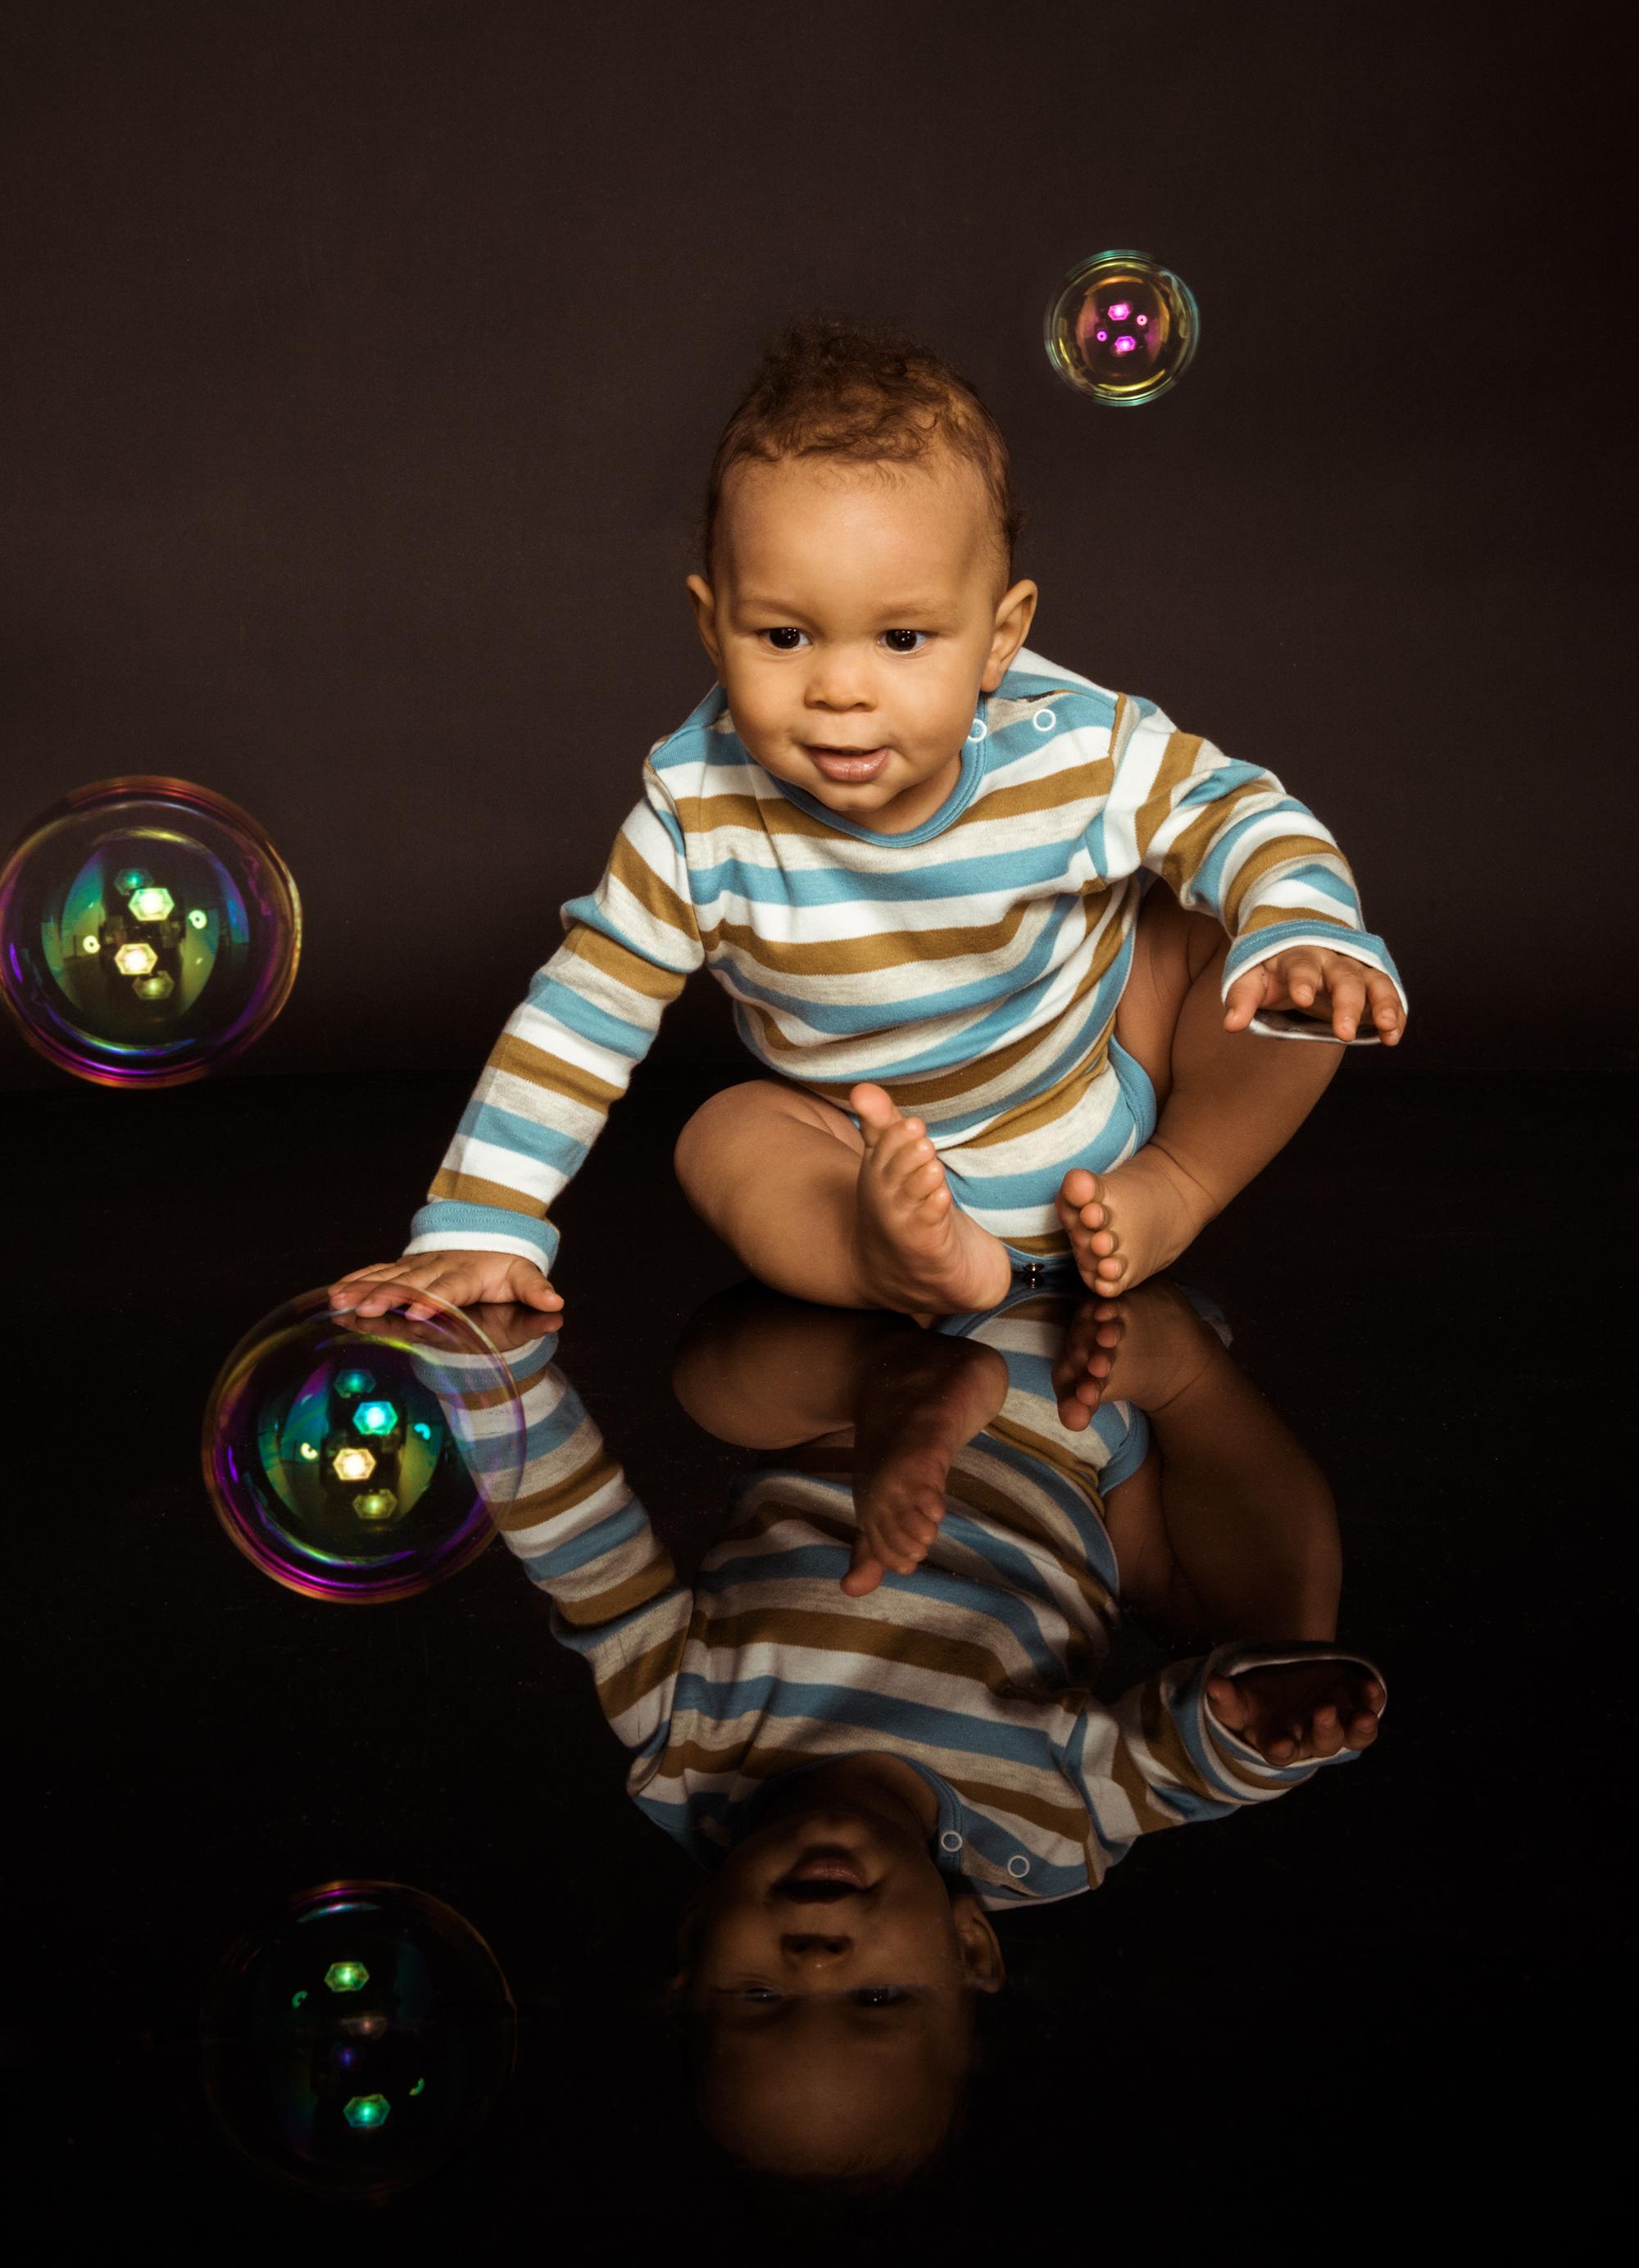 kinderfoto-mit-seifenblasen.jpg